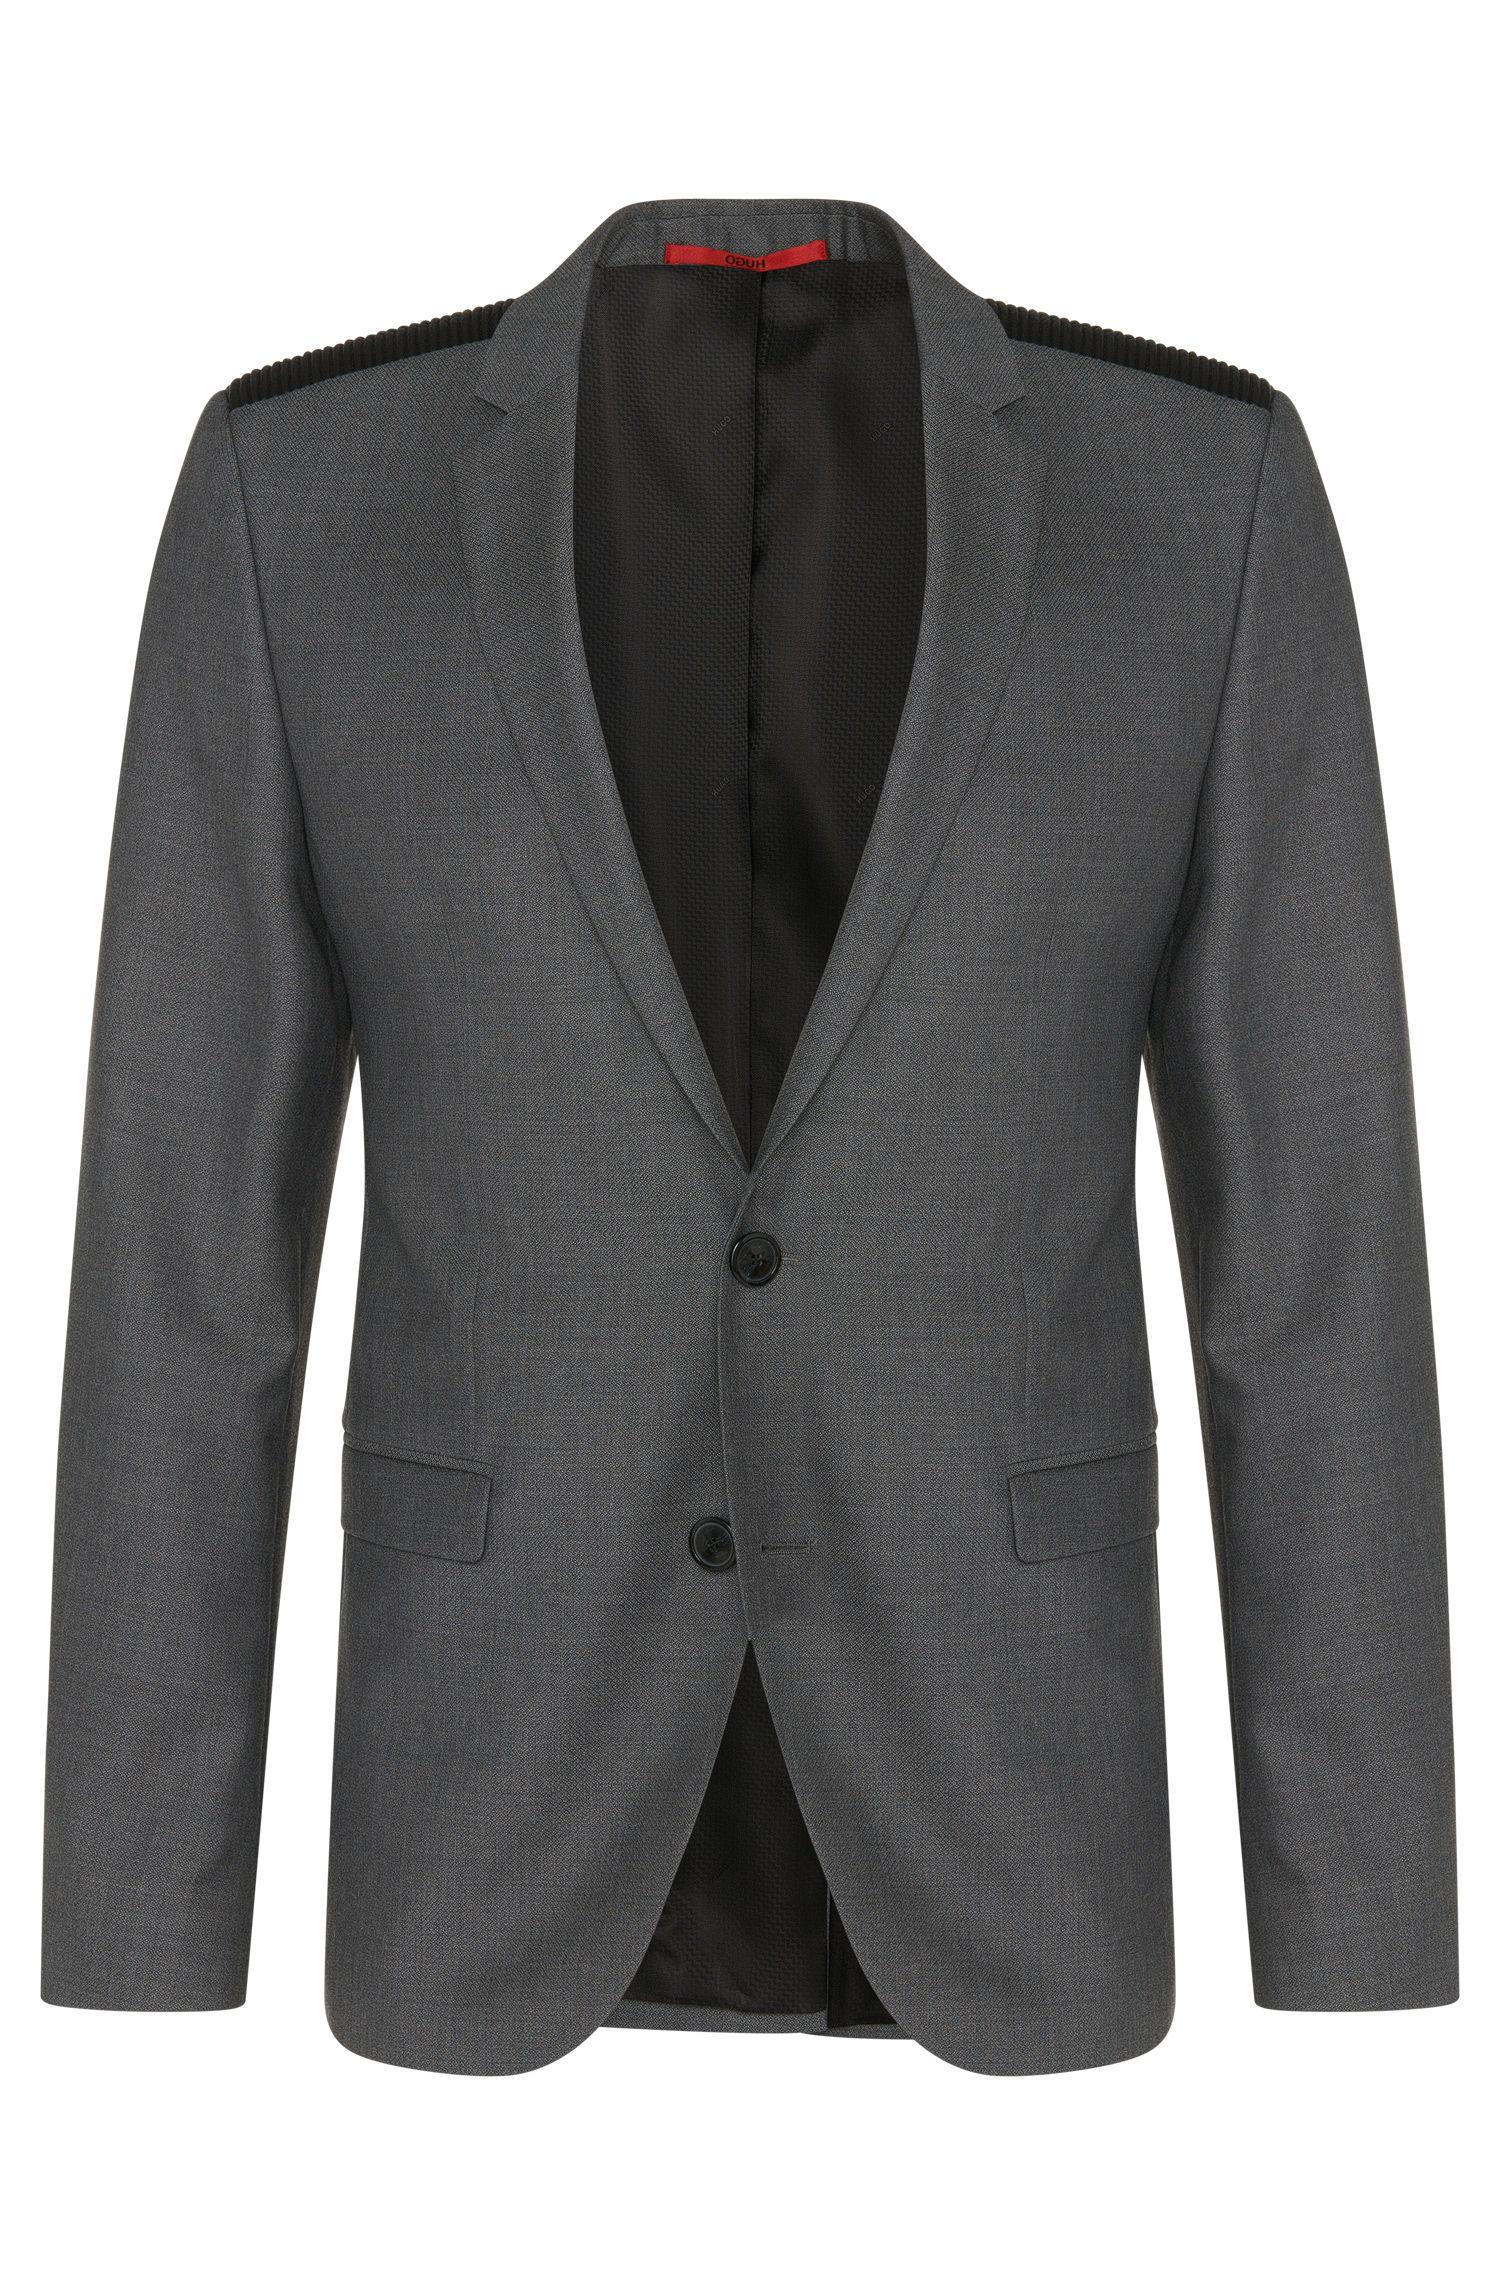 Virgin Wool Vegan-Leather Shoulder Sport Coat, Extra Slim Fit | Andson